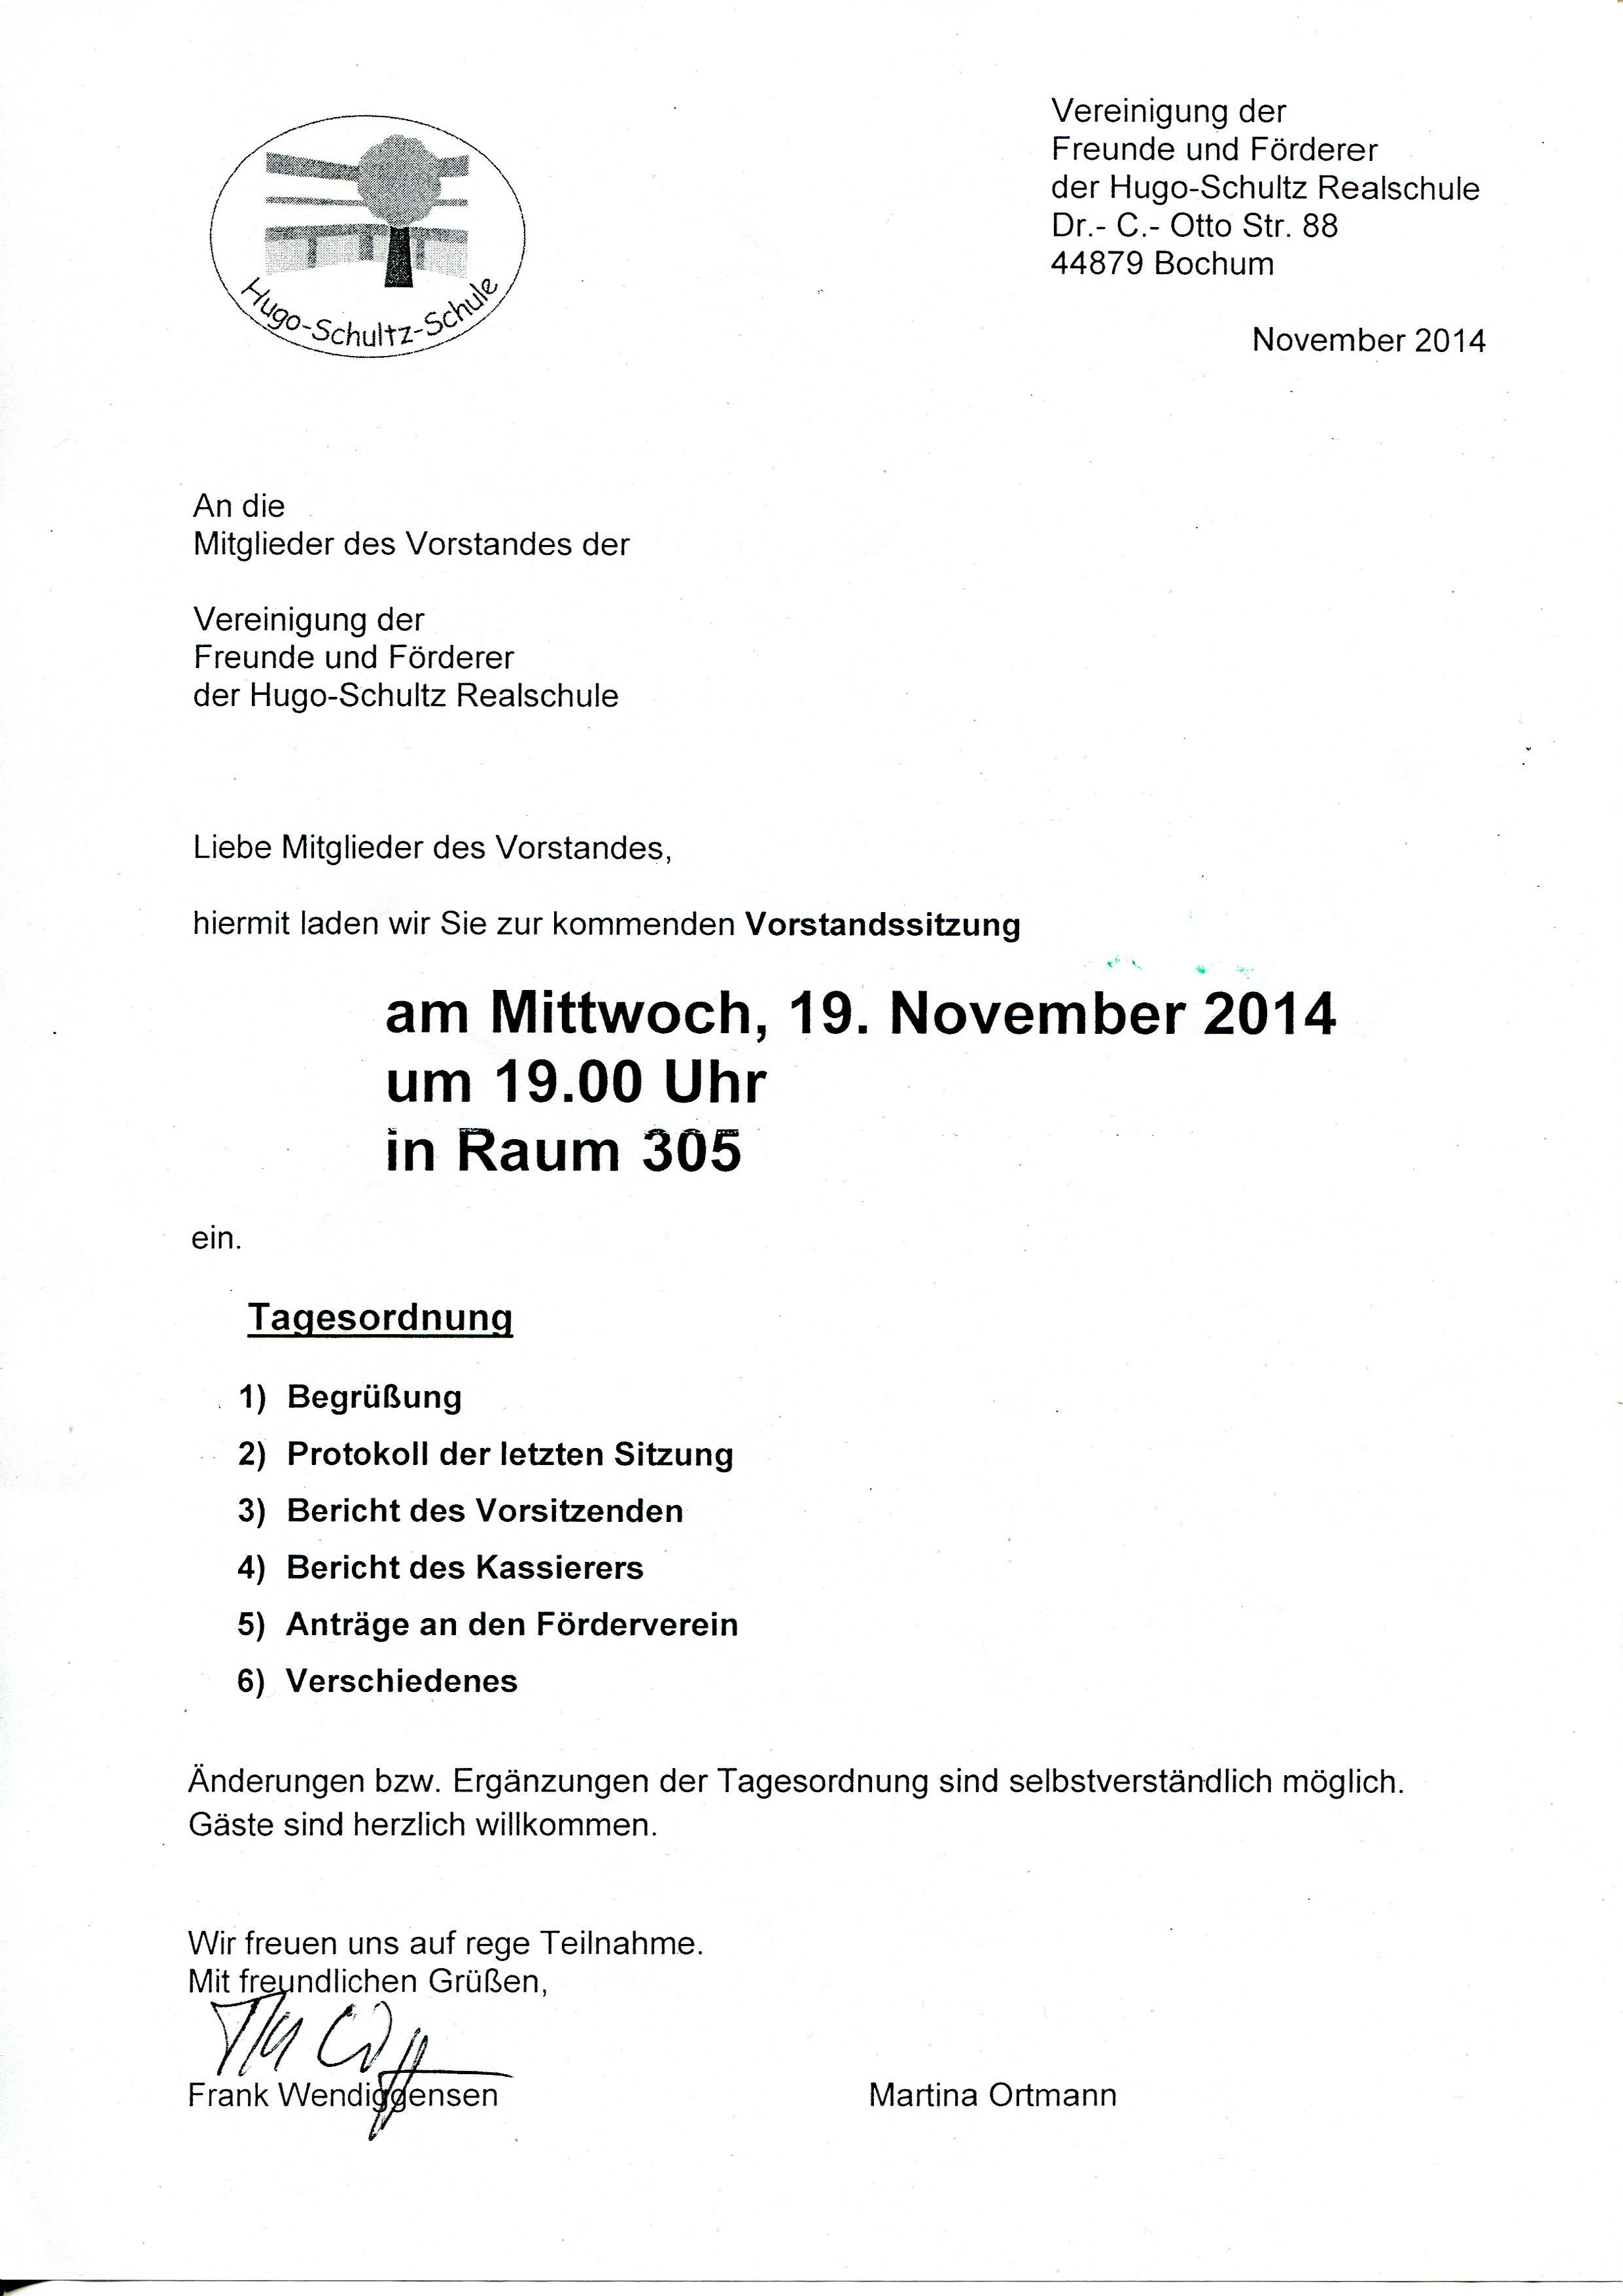 Einladung Cousinentreffen – thegirlsroom.co